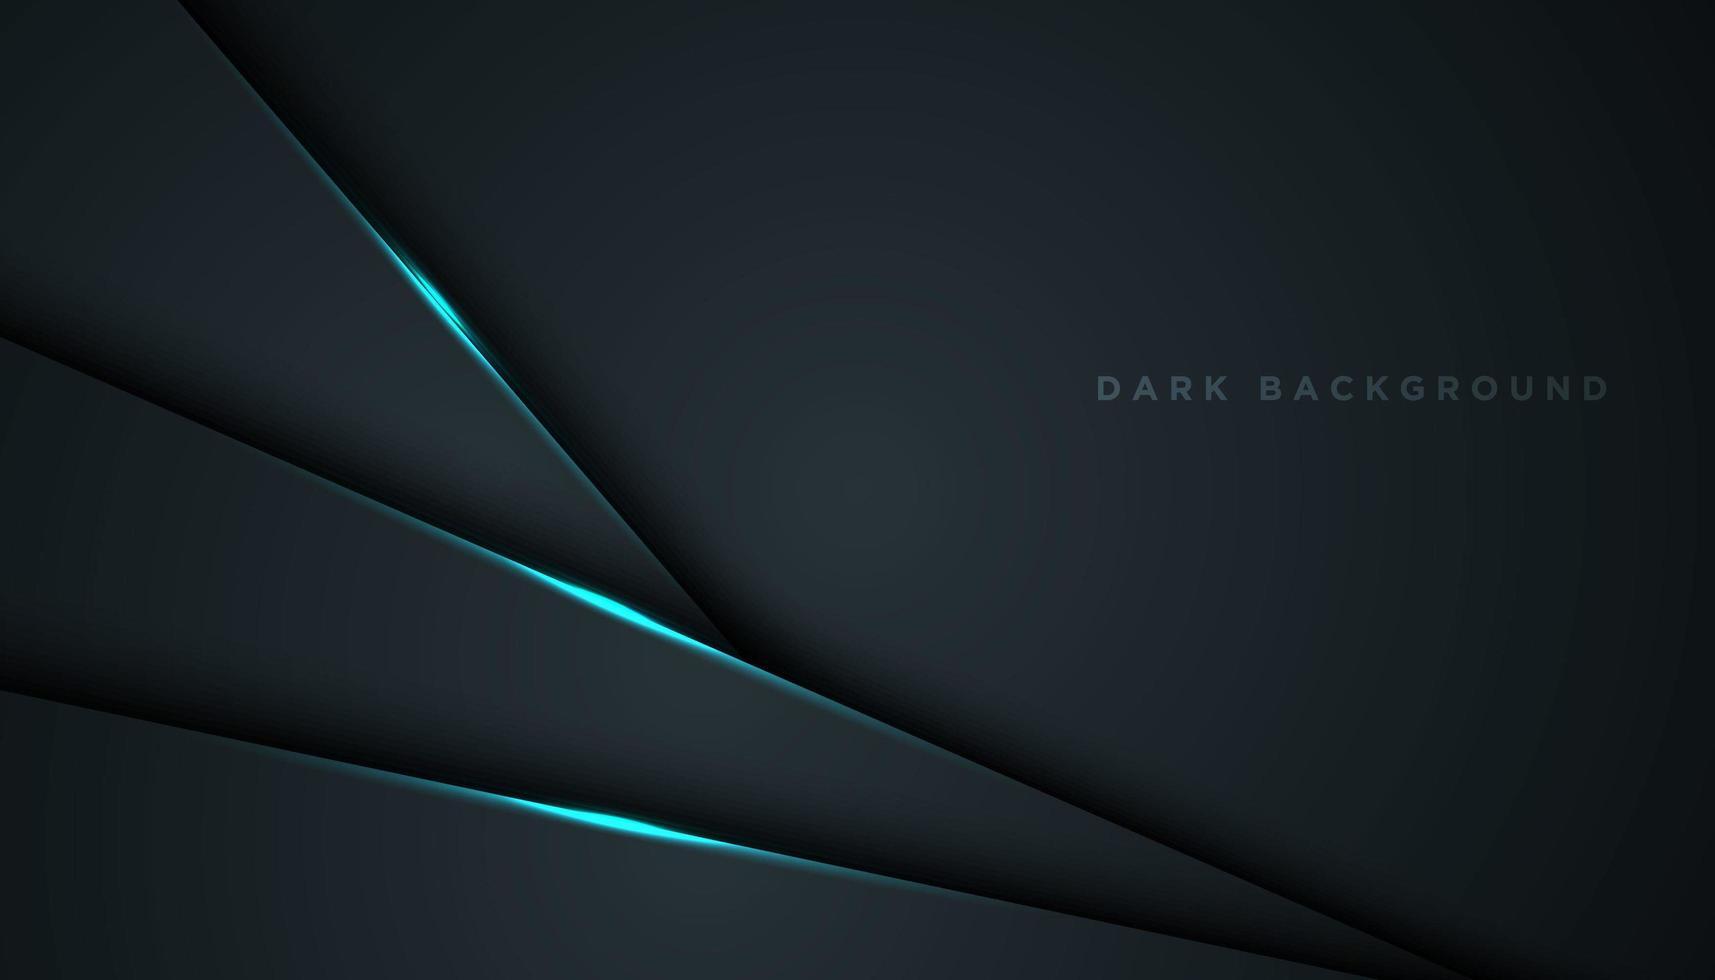 astratto sfondo nero con brillanti strati diagonali blu vettore